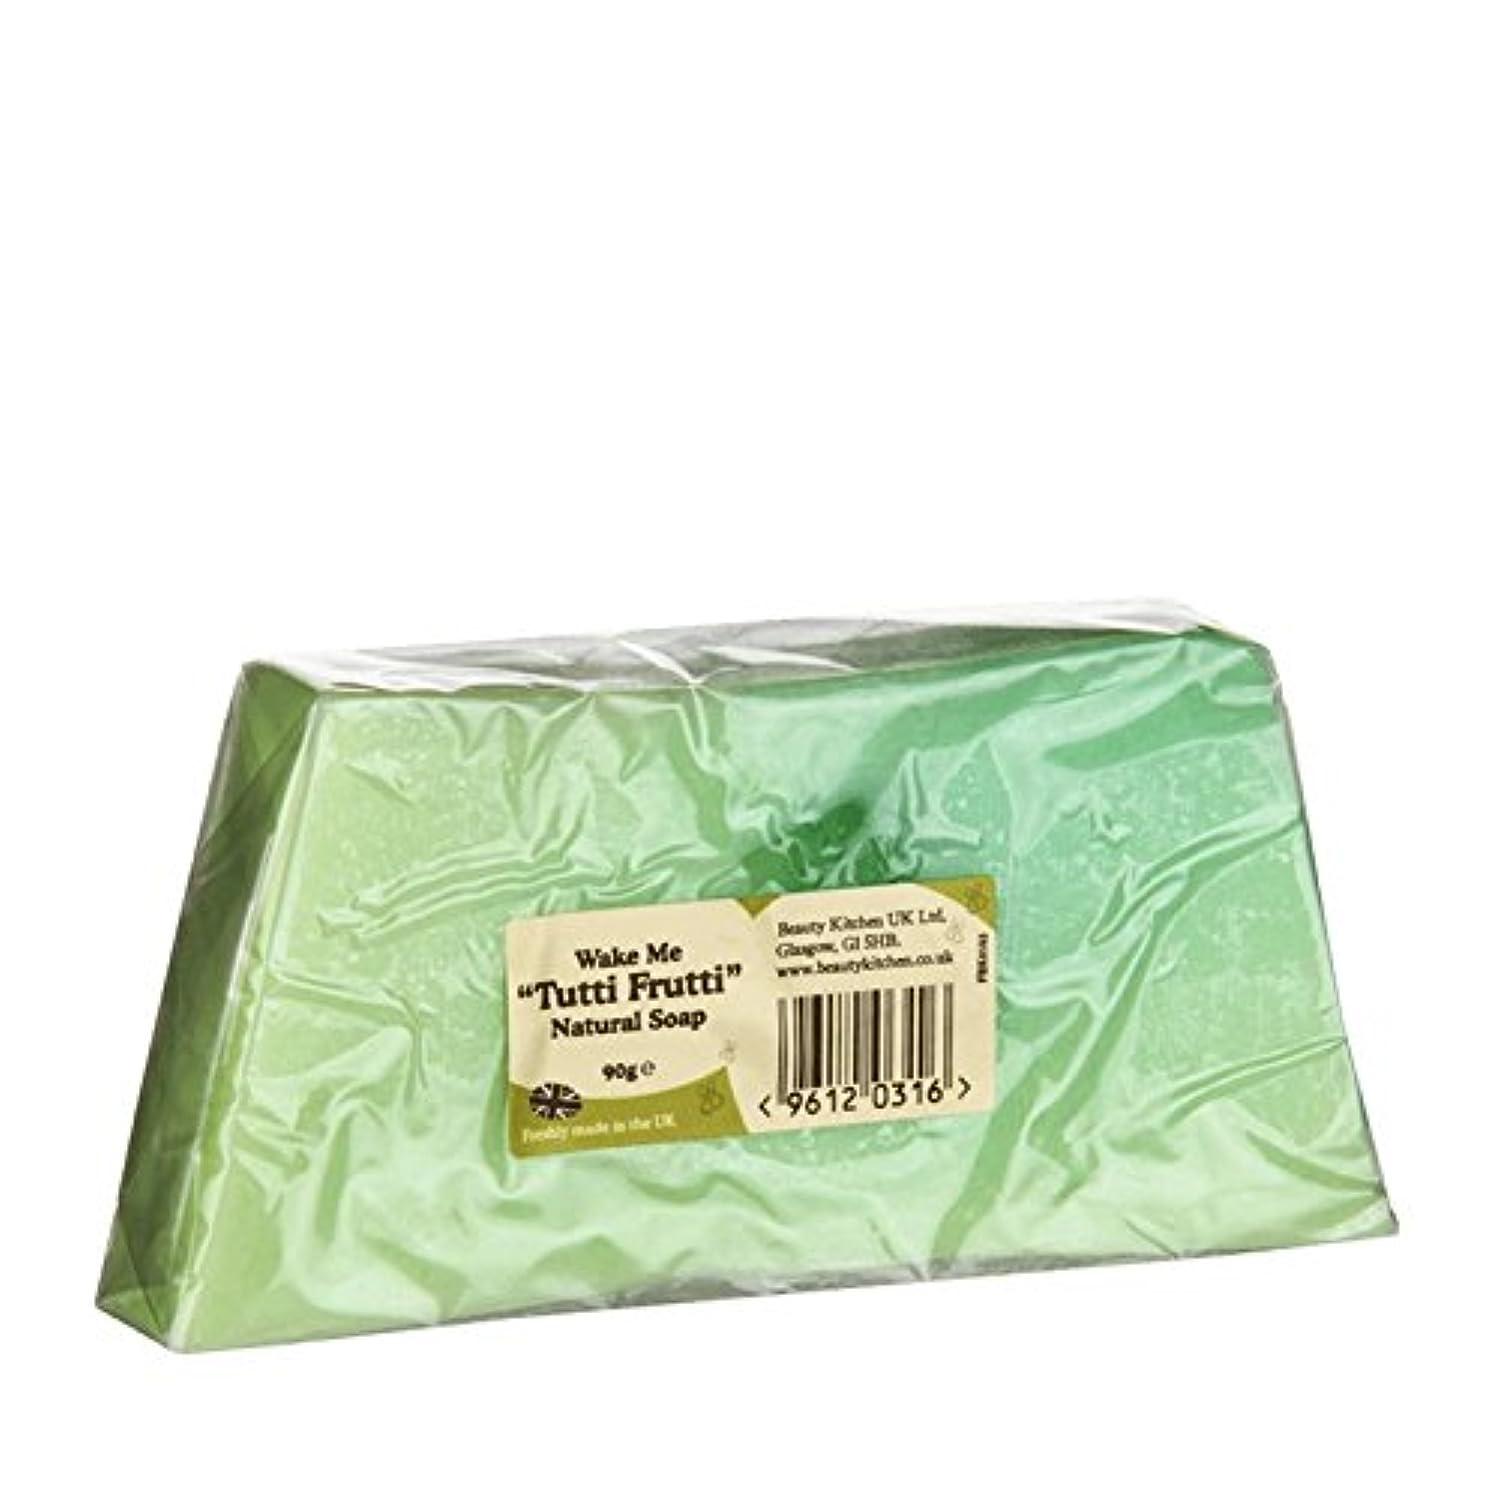 考える保持メジャーBeauty Kitchen Wake Me Tutti Frutti Natural Soap 90g (Pack of 2) - 美しさのキッチンは私トゥッティフルッティの天然石鹸90グラムウェイク (x2) [並行輸入品]